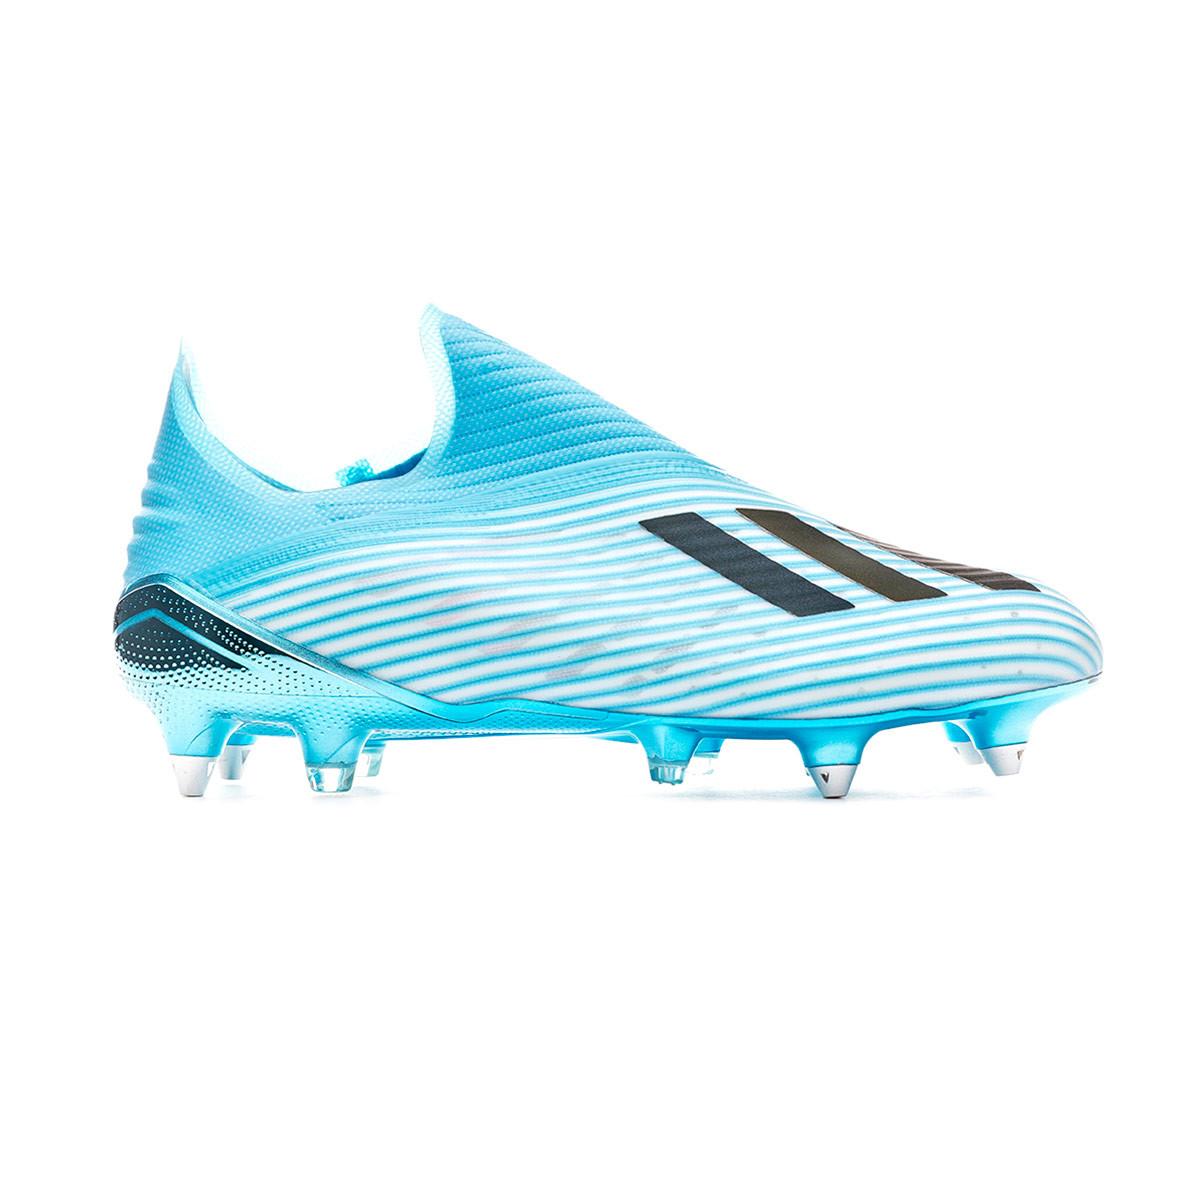 Chaussure de foot adidas X 19+ SG